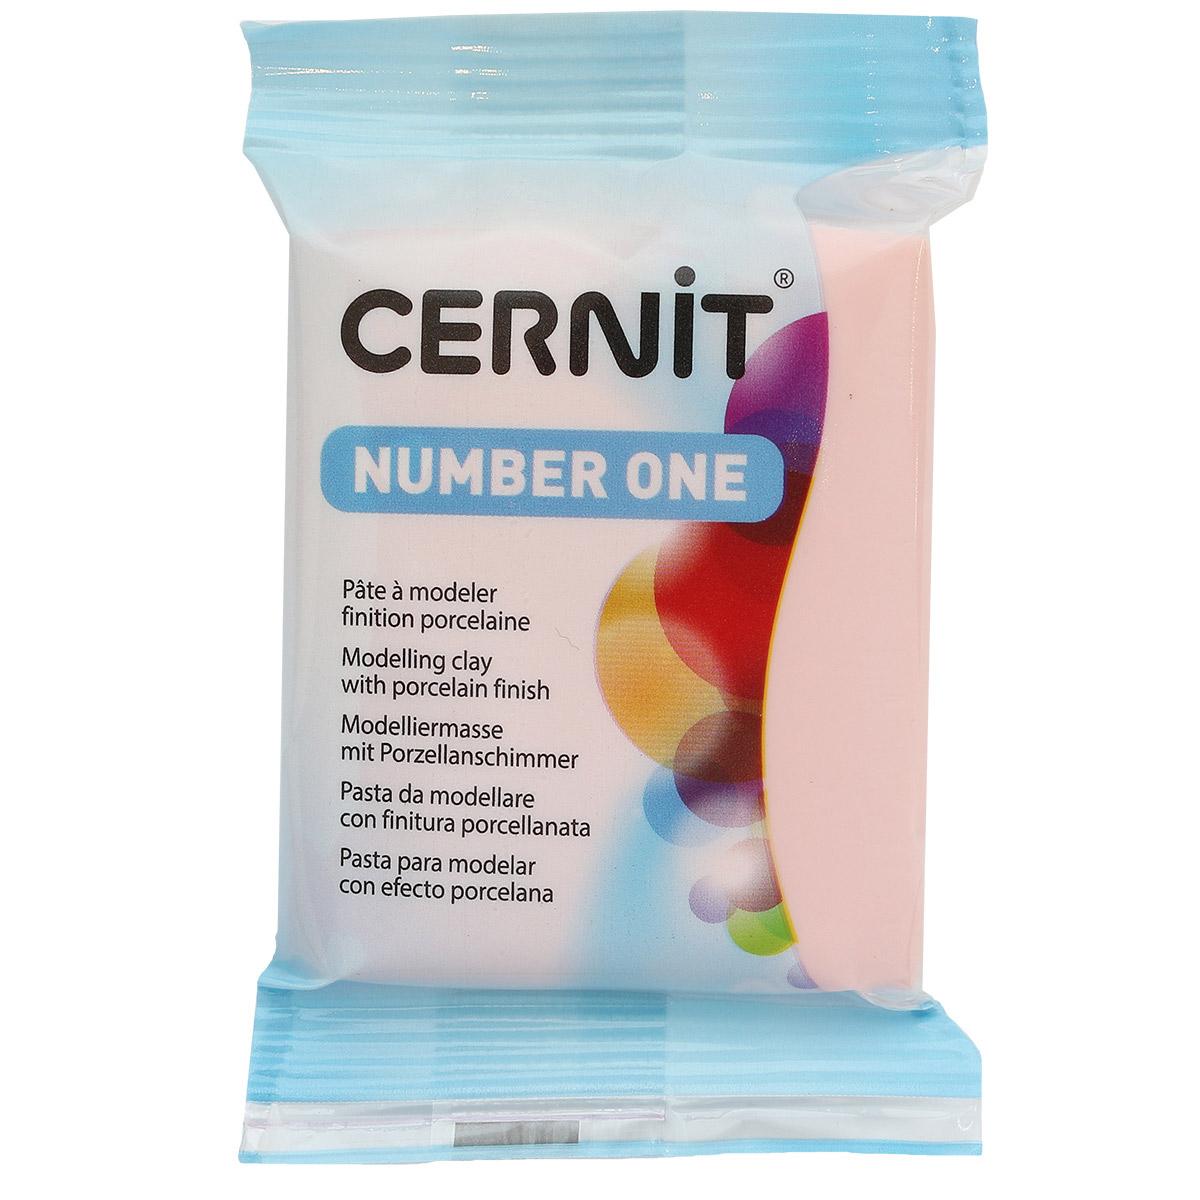 CE0900056 Пластика полимерная запекаемая 'Cernit № 1' 56-62 гр. (475 розовый)